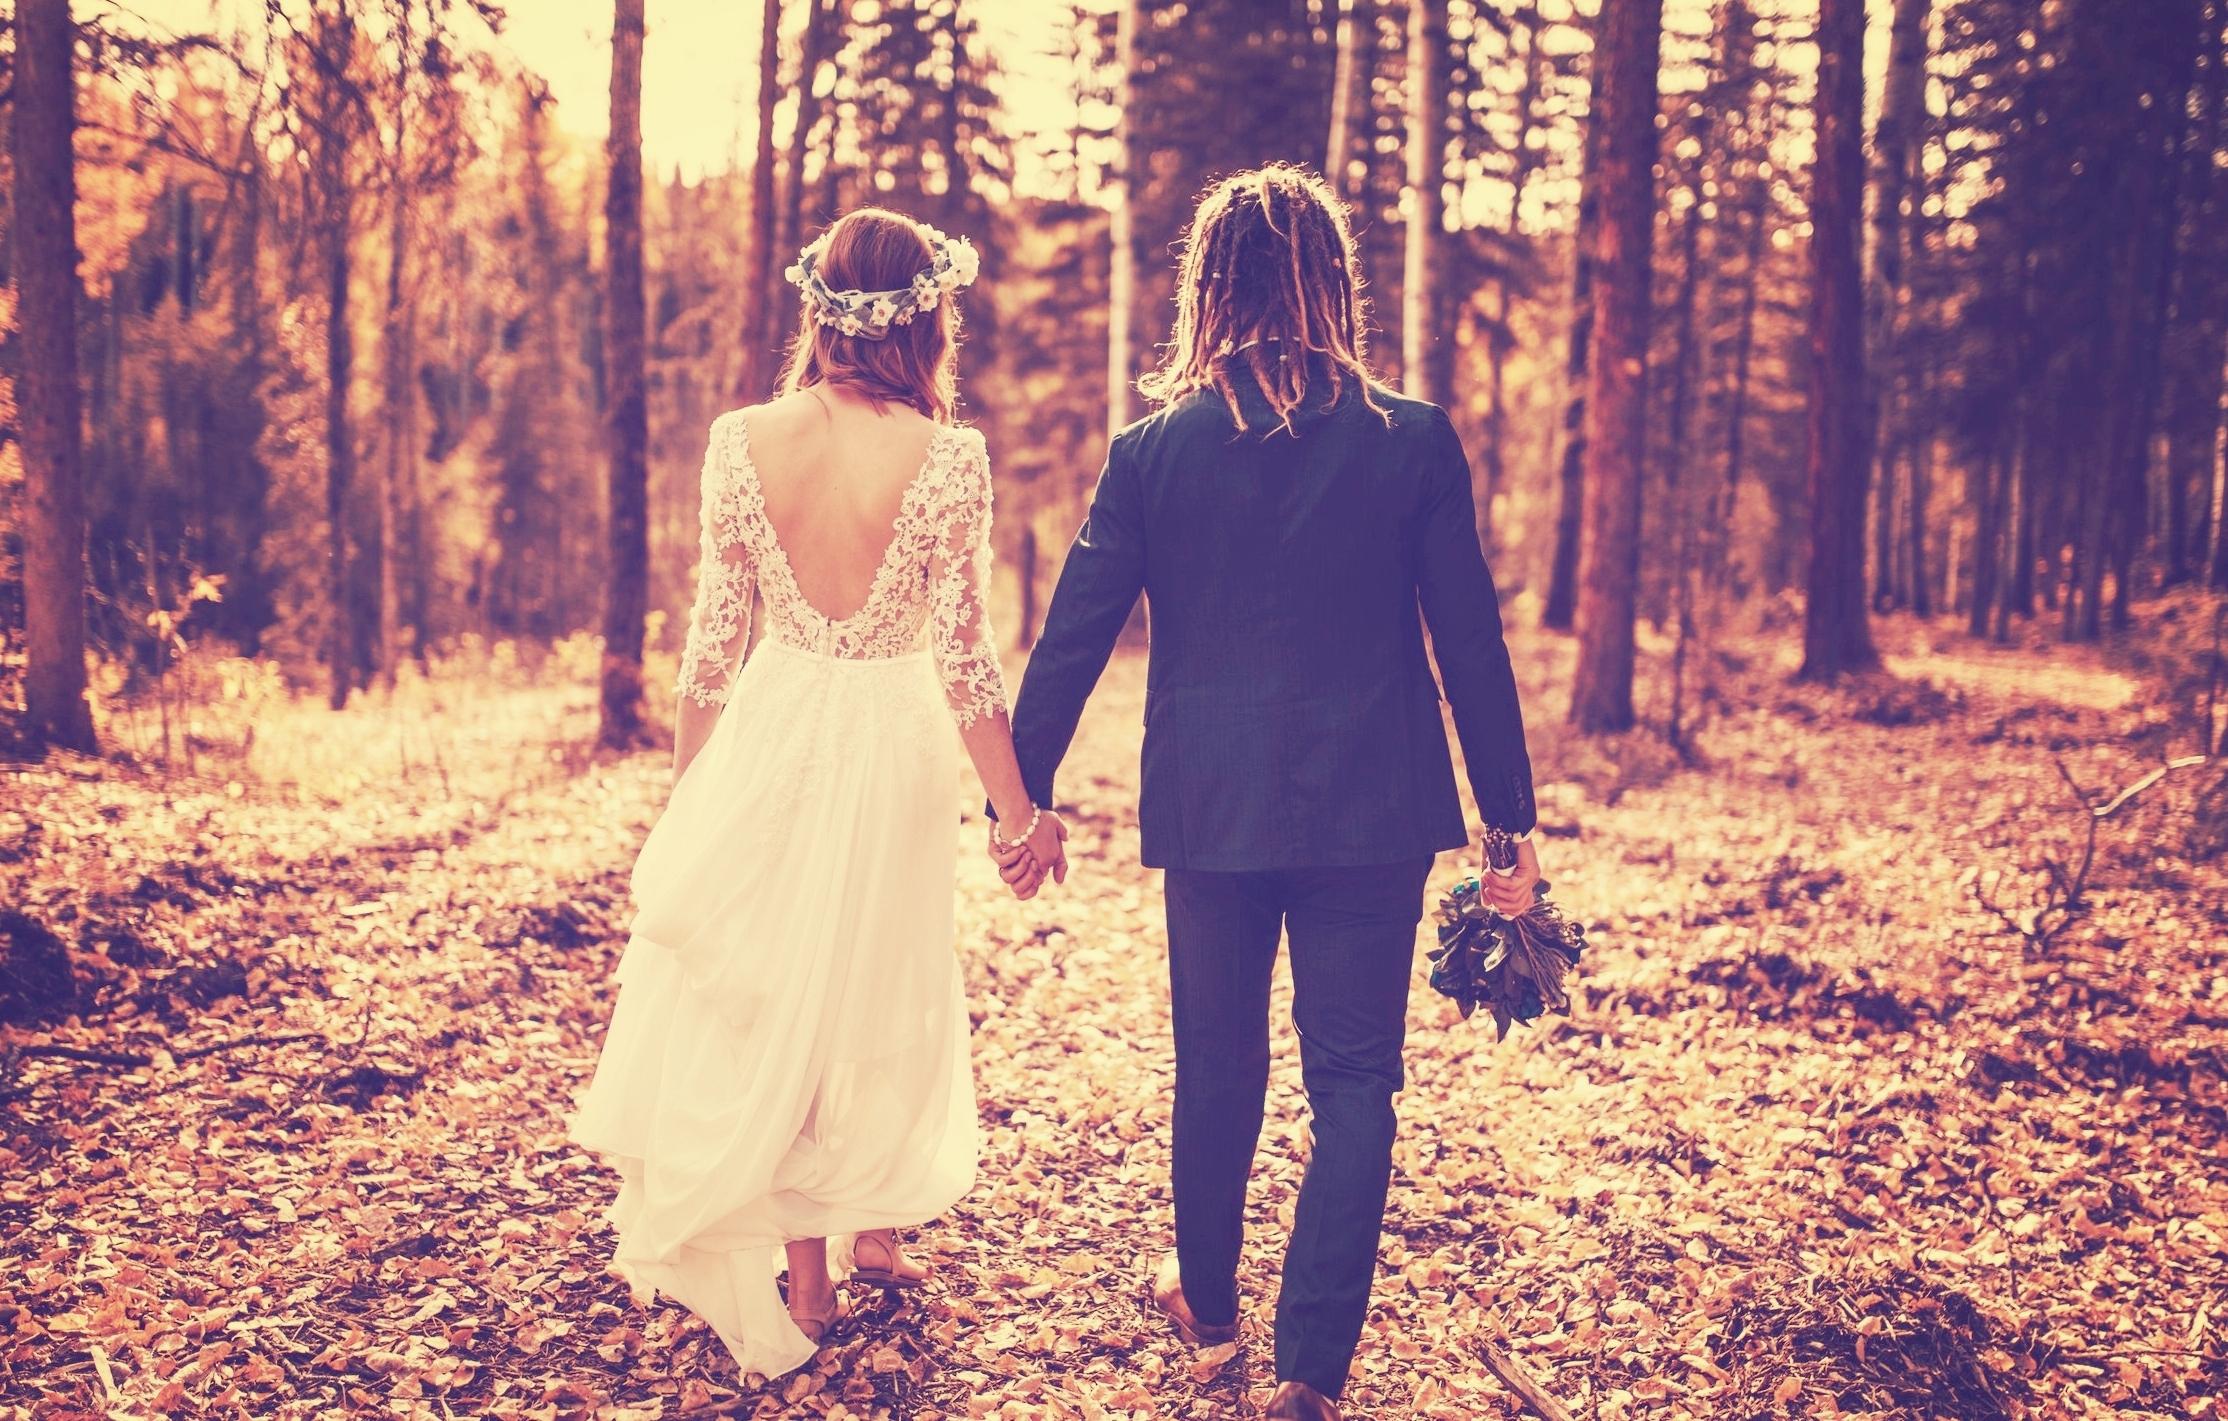 The wedding folk!